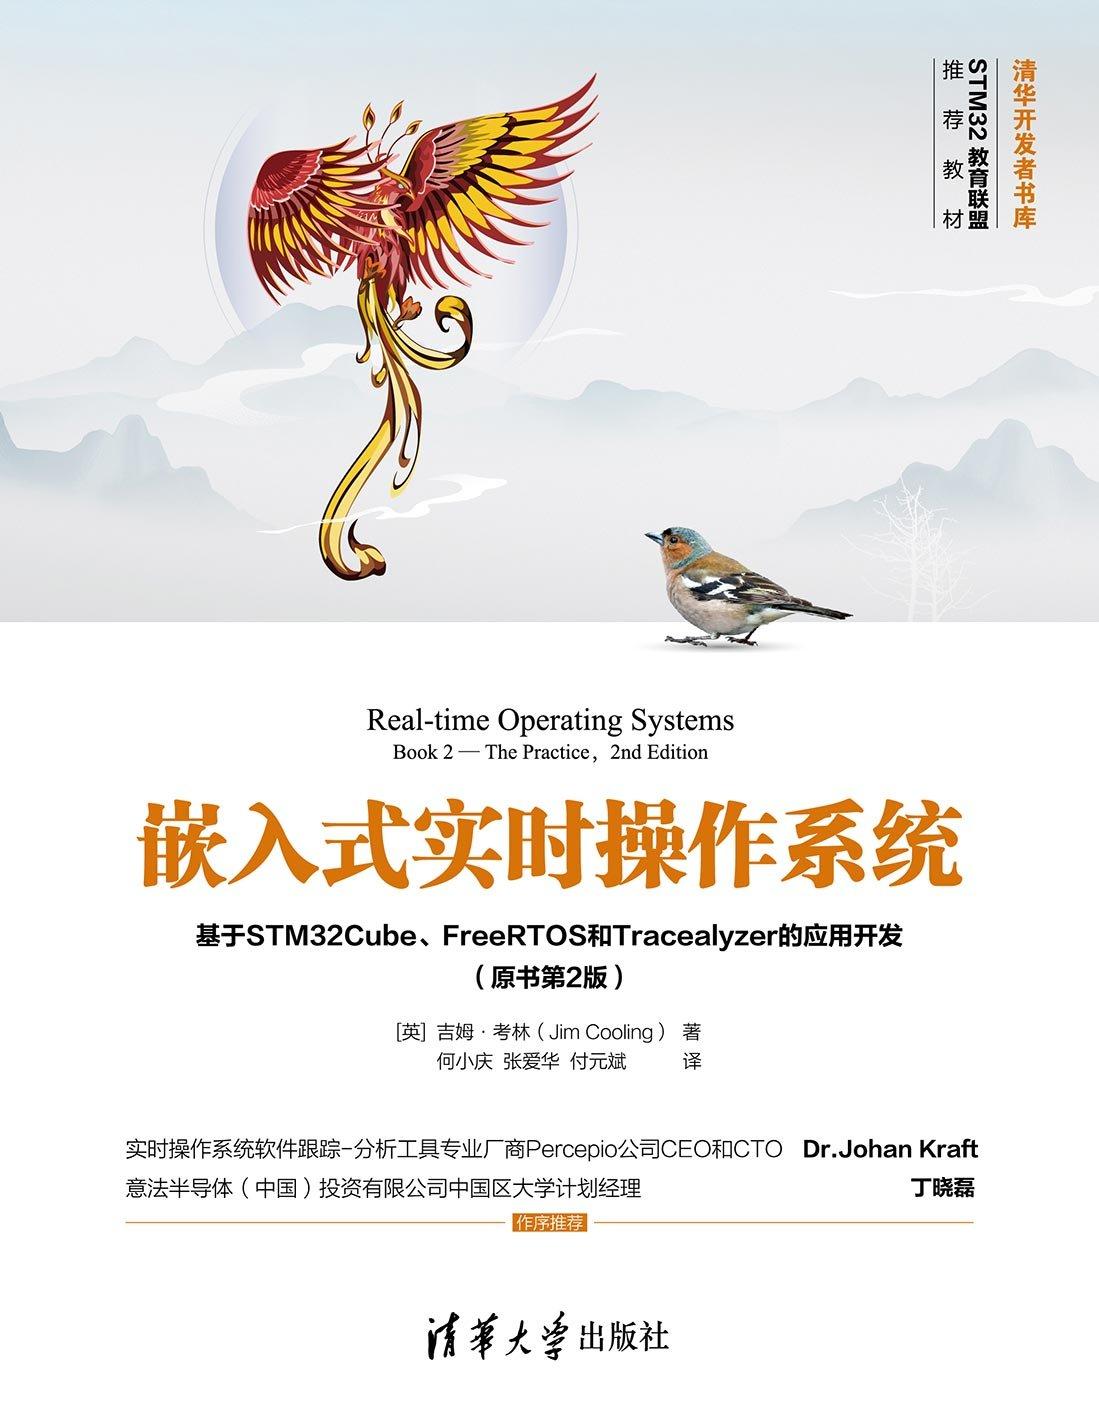 嵌入式實時操作系統 (Real-time Operating Systems Book 2 - The Practice: Using STM Cube, FreeRTOS and the STM32 Discovery Board)-preview-1